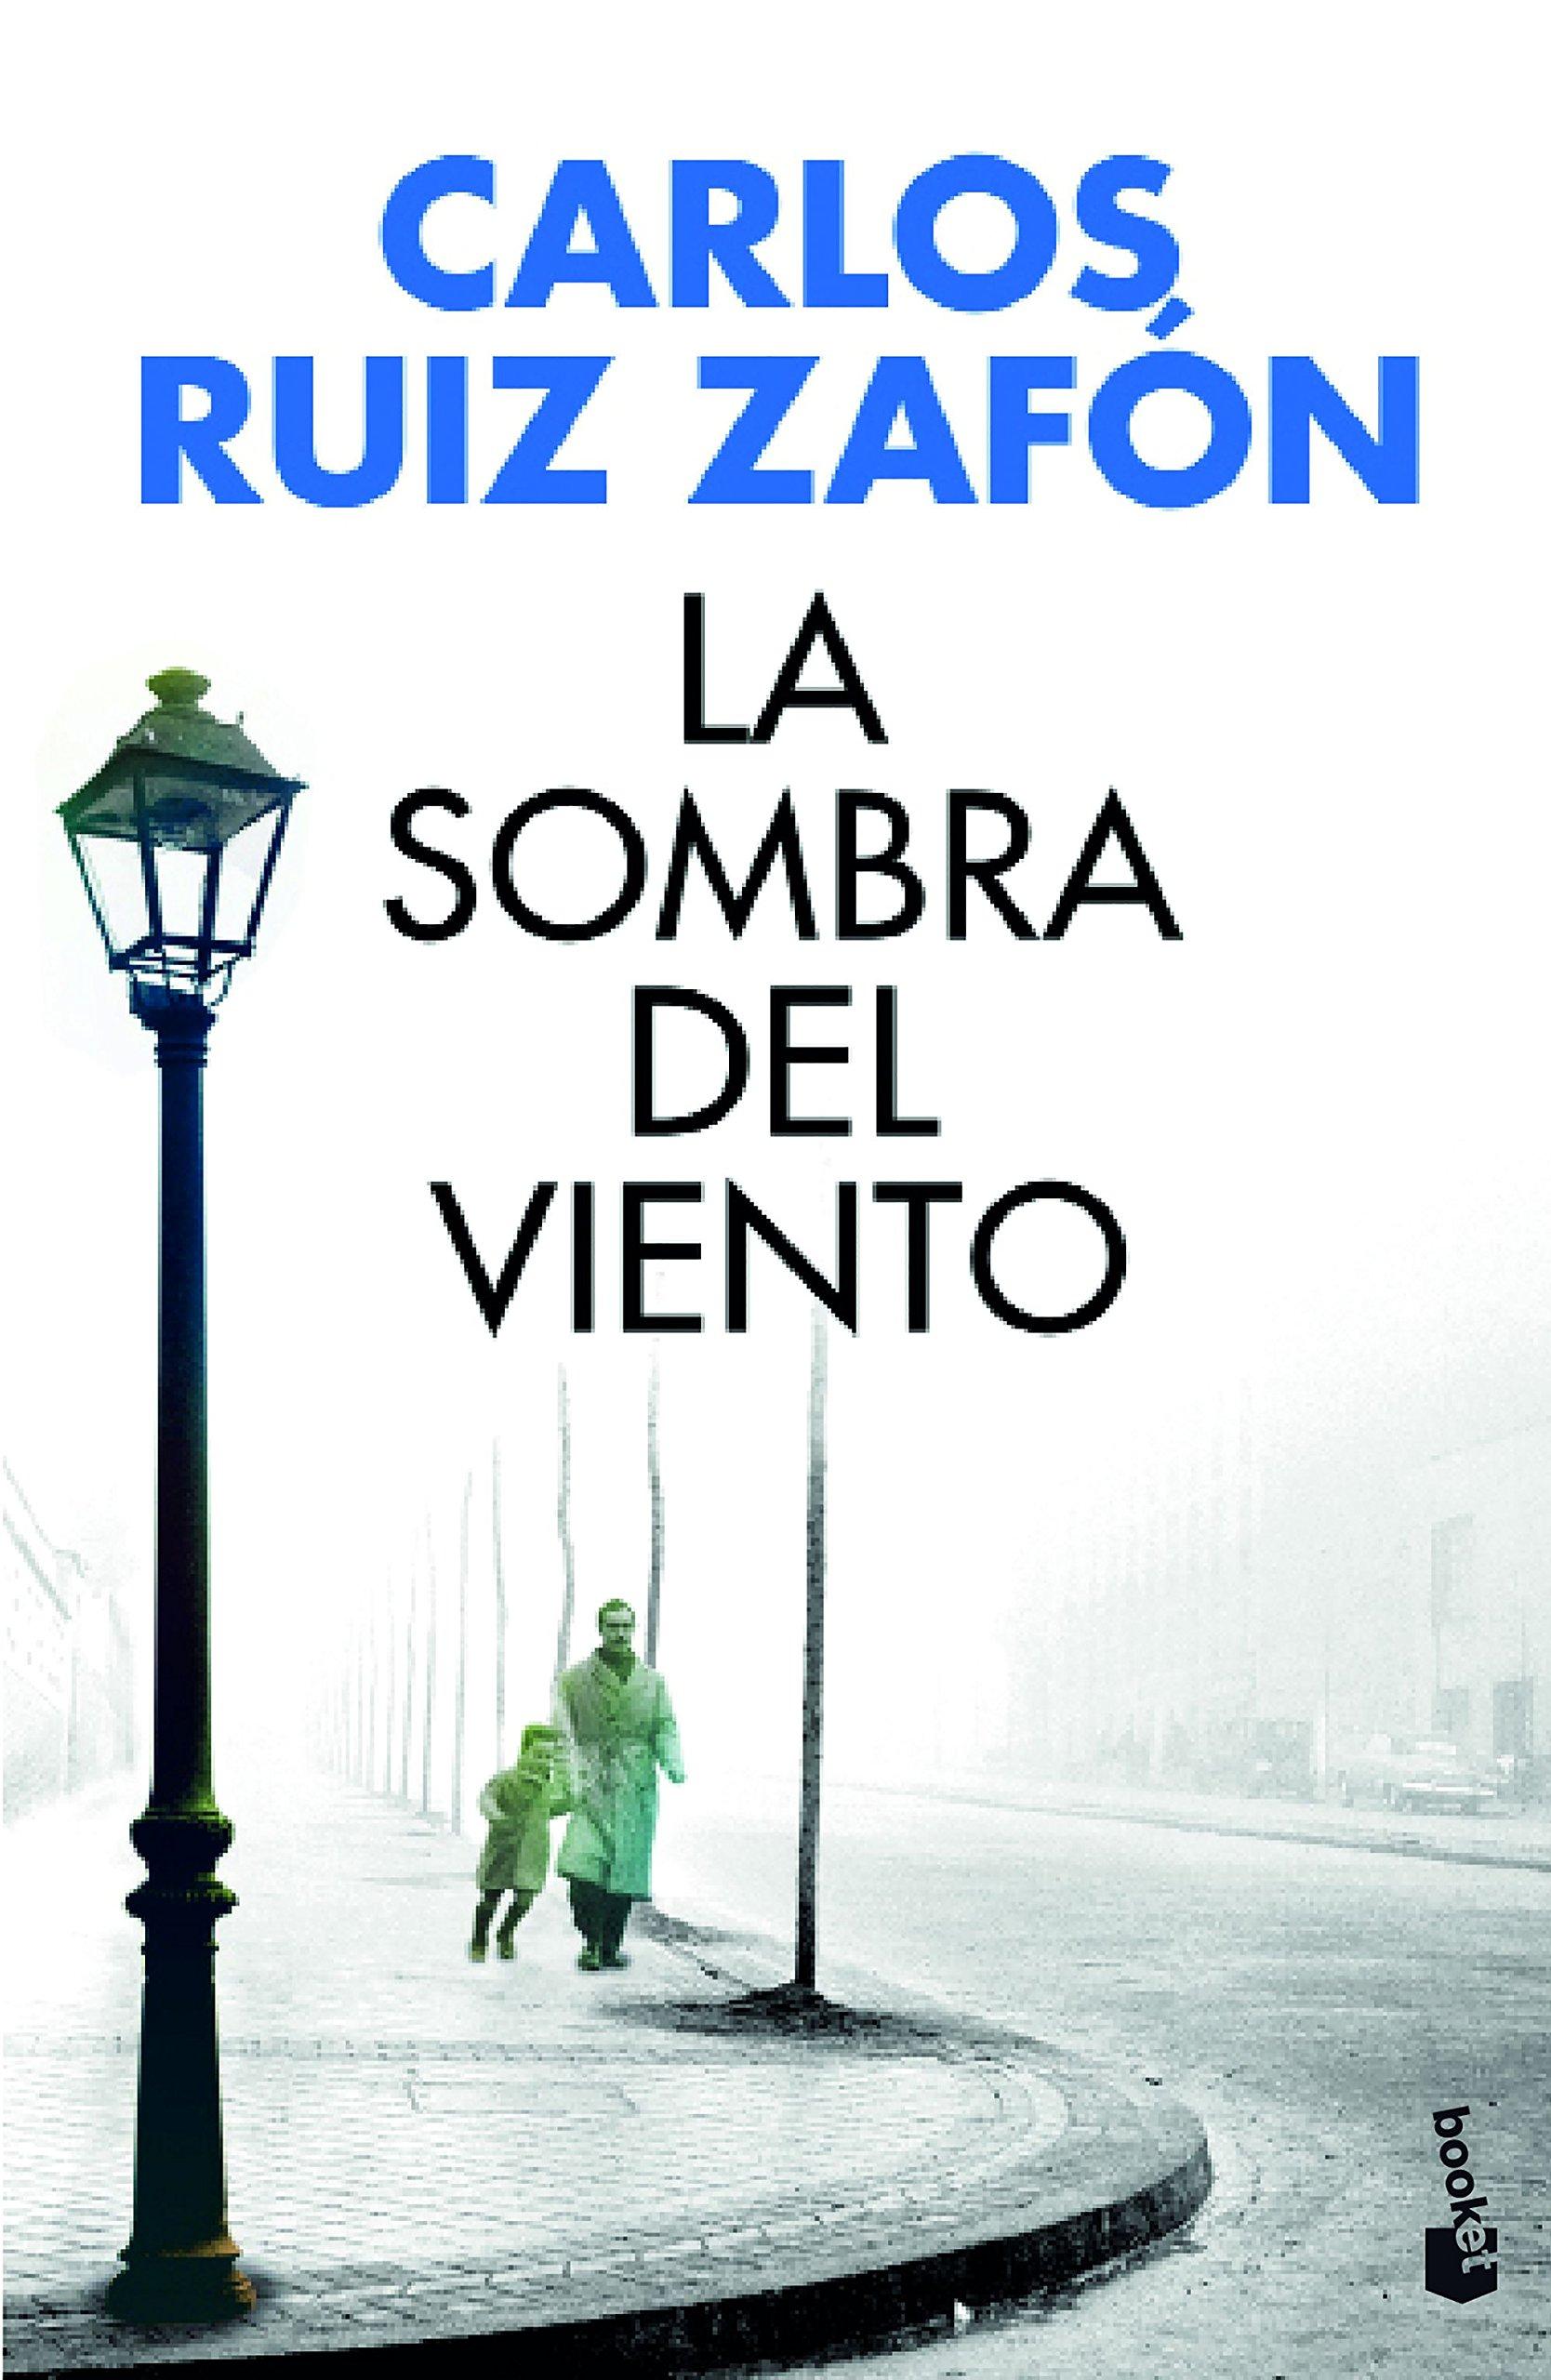 La sombra del viento: Carlos Ruiz Zafón: 9788408176459: Amazon.com: Books